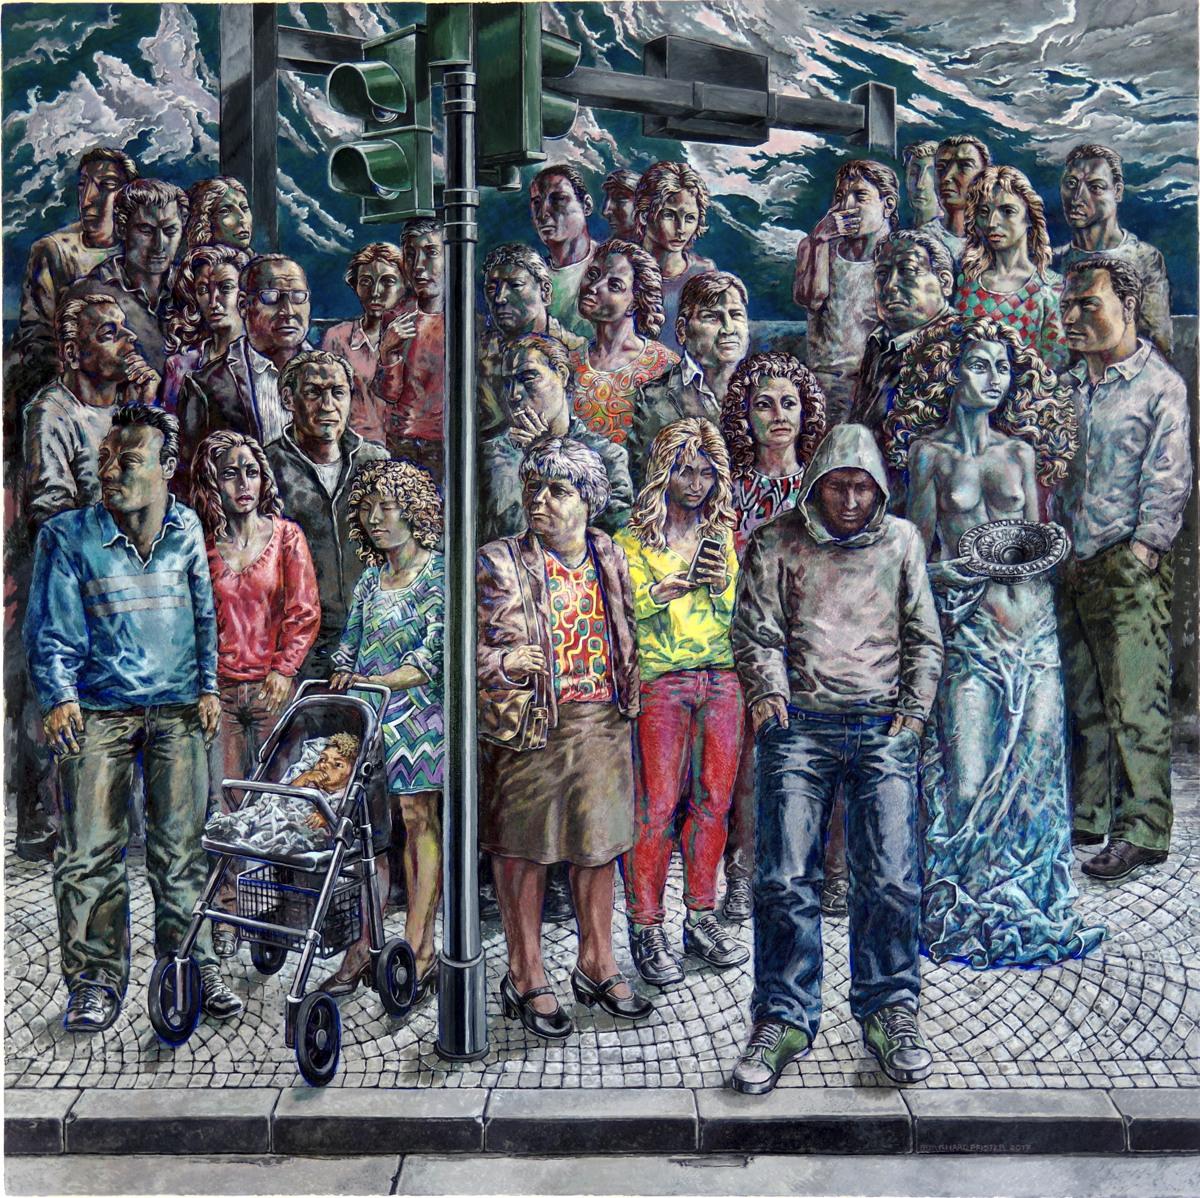 Burkhard Pfister: Menschen an Ampel mit Engel. Malerei, 2017. 112x112cm